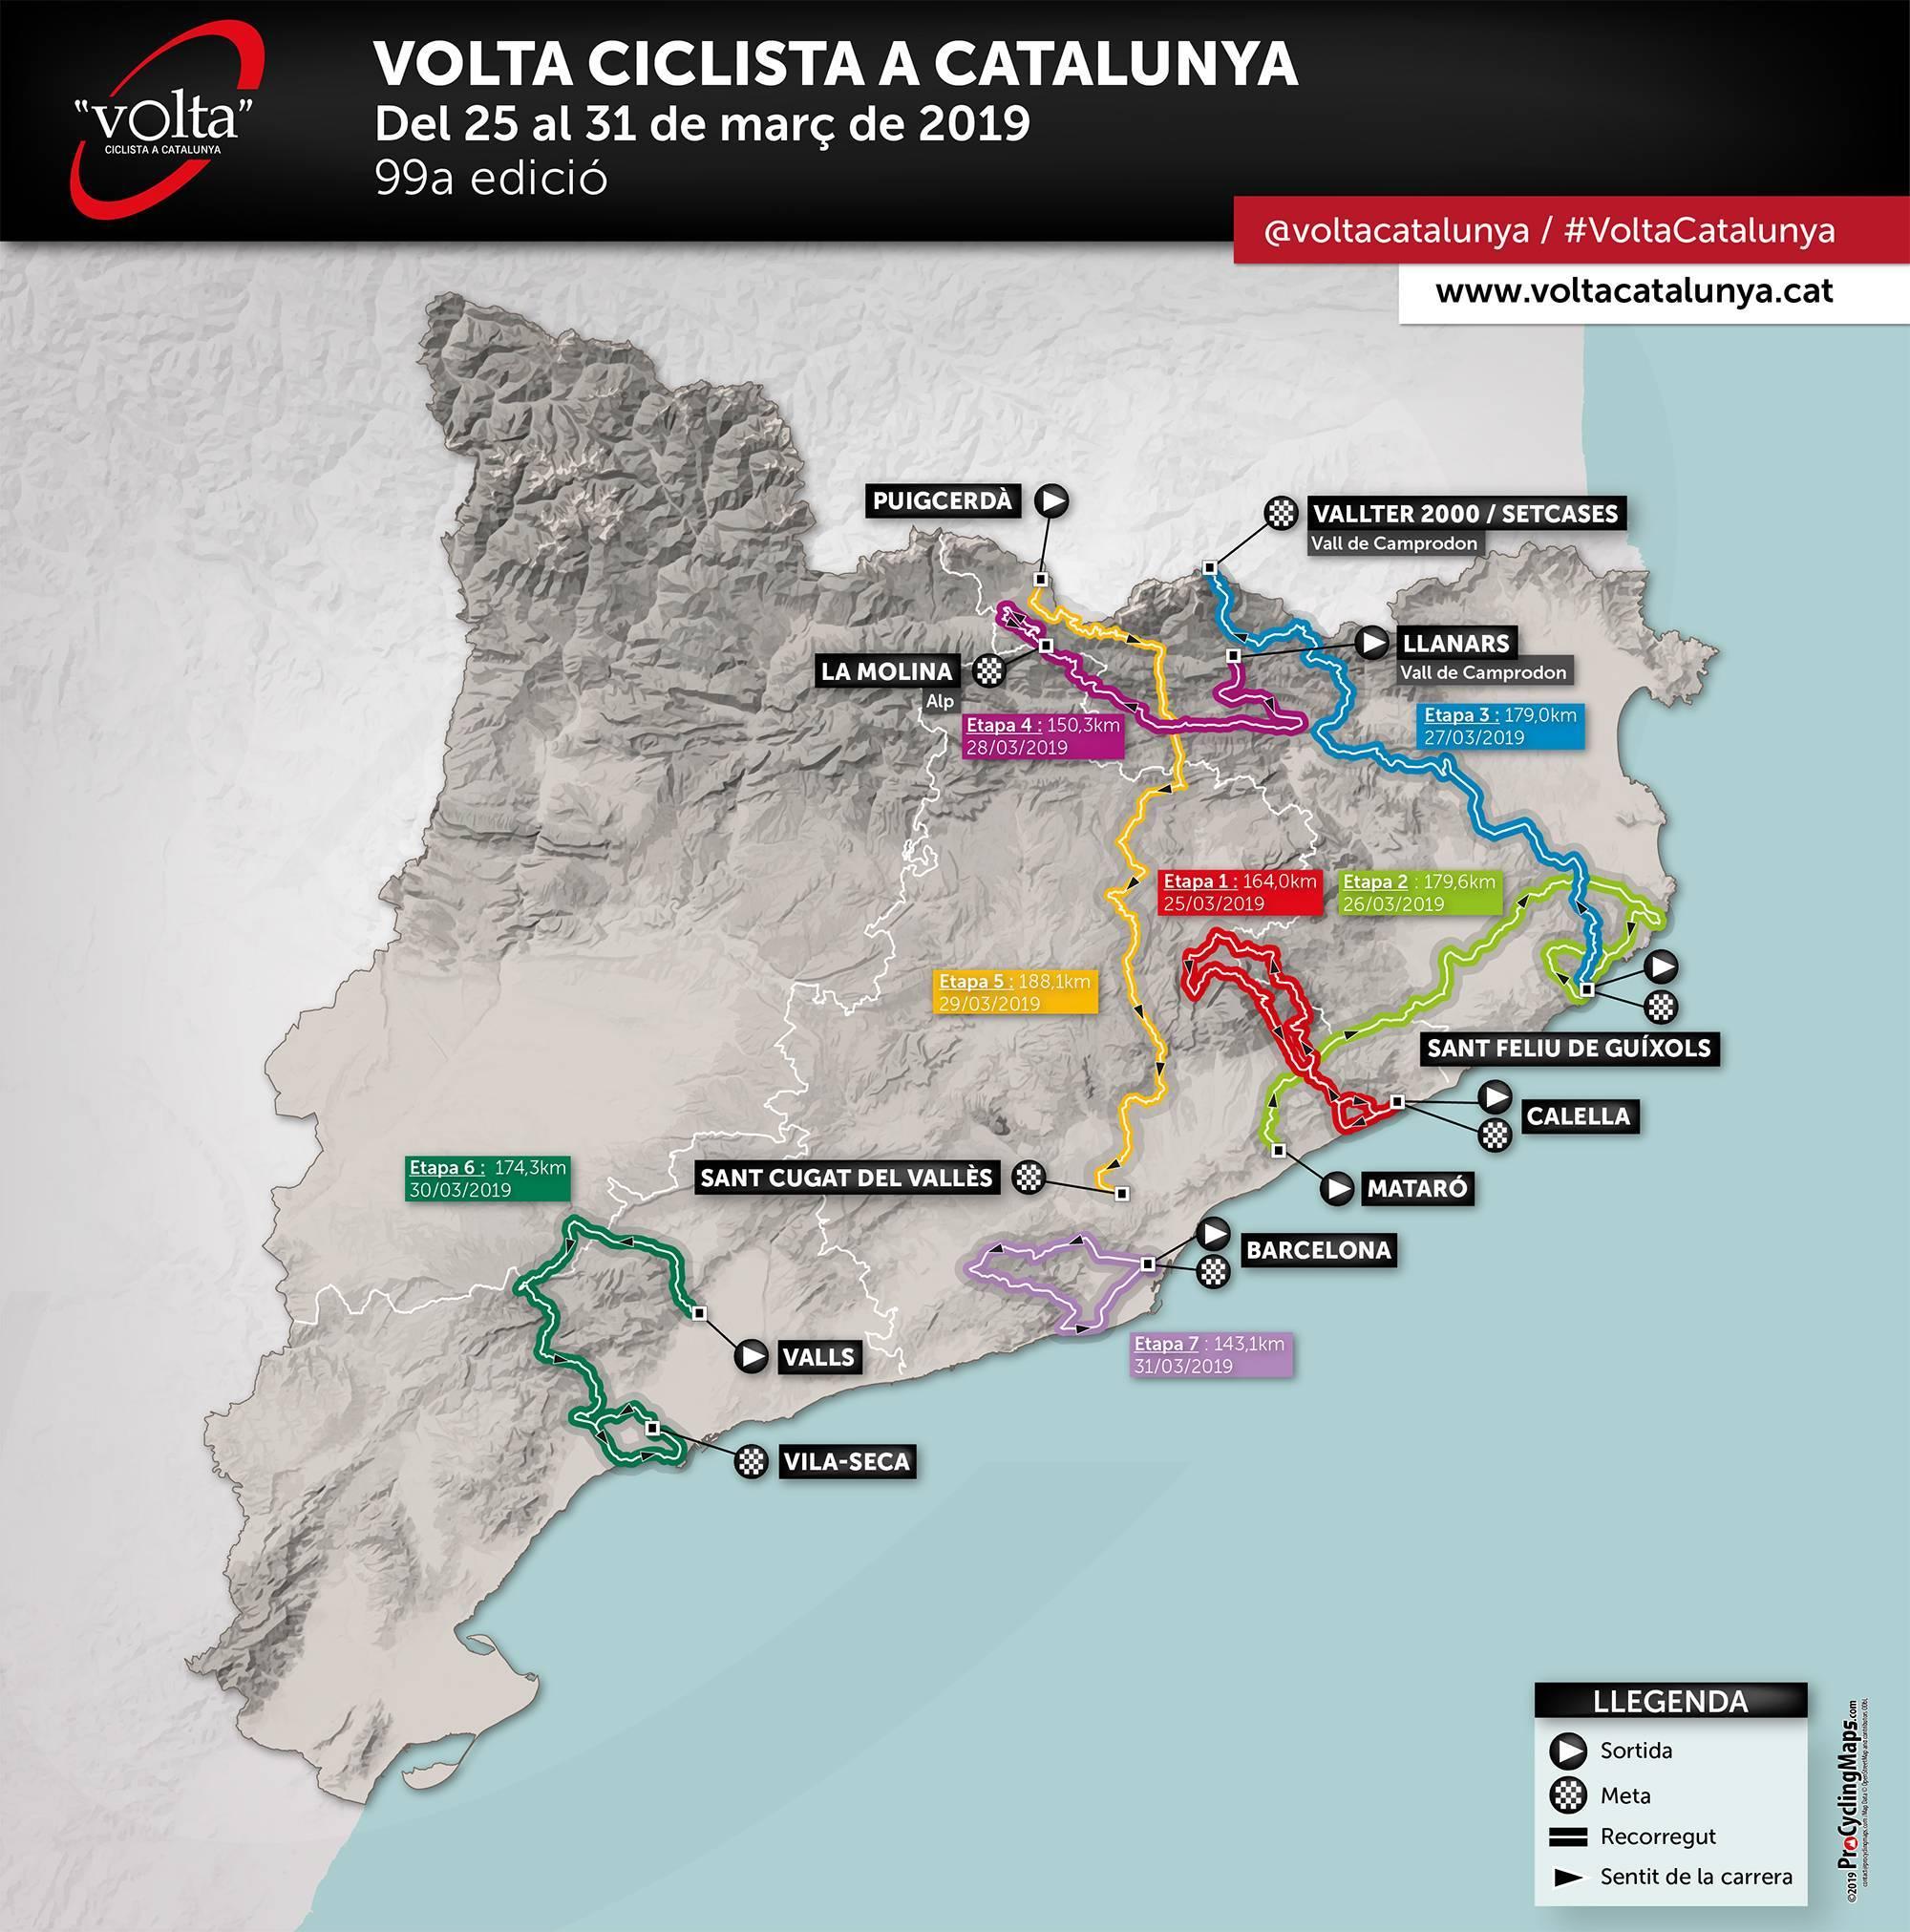 Volta Ciclista a Catalunya 2019 9f42c